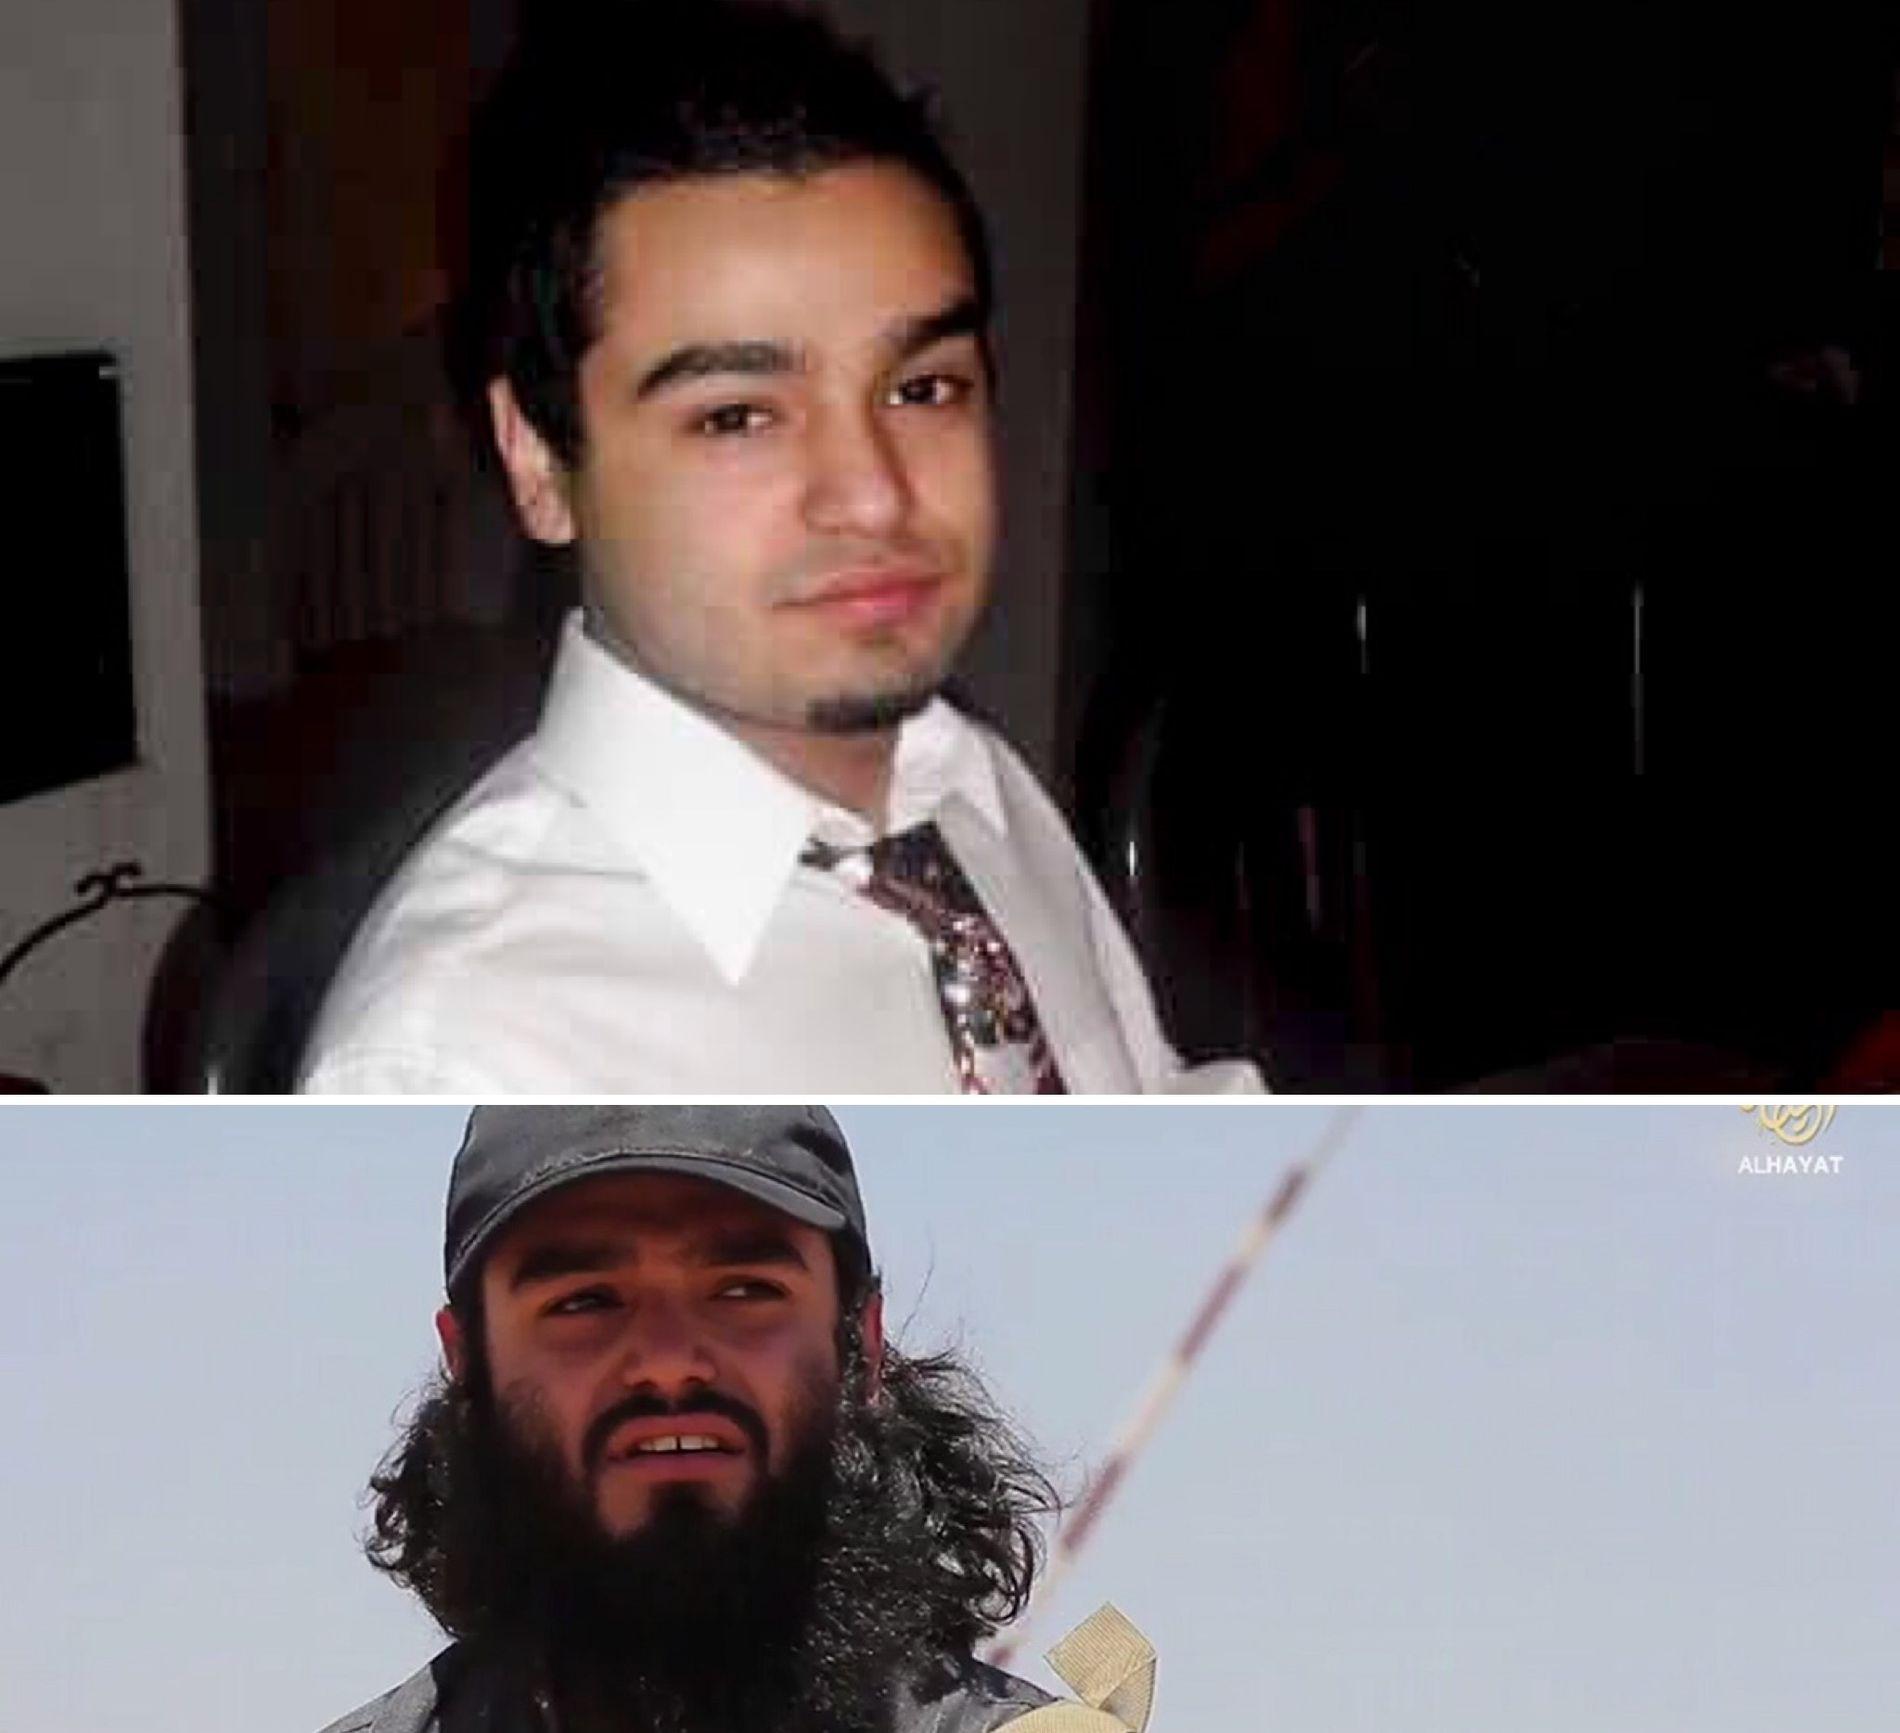 FAREN: Bastian Vasquez ble rekruttert inn i et ytterliggående, islamistisk miljø. Men foreldrene foretrekker å huske ham slik han var før han ble radikalisert.